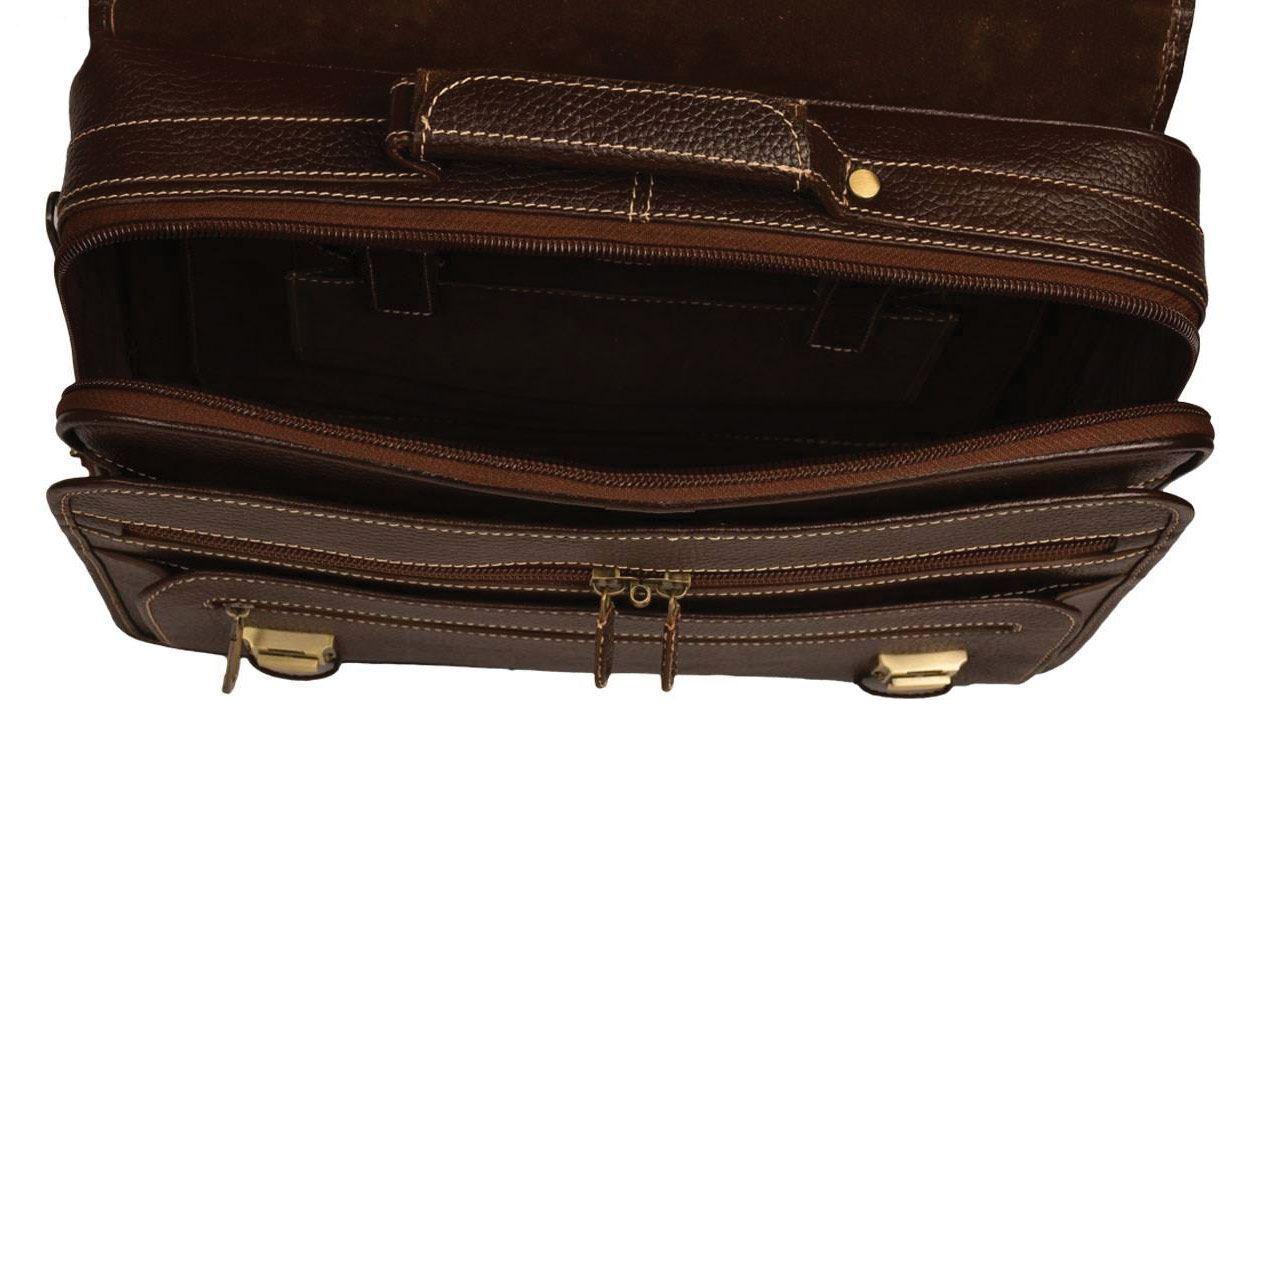 کیف اداری مردانه پارینه چرم مدل LT1 main 1 24